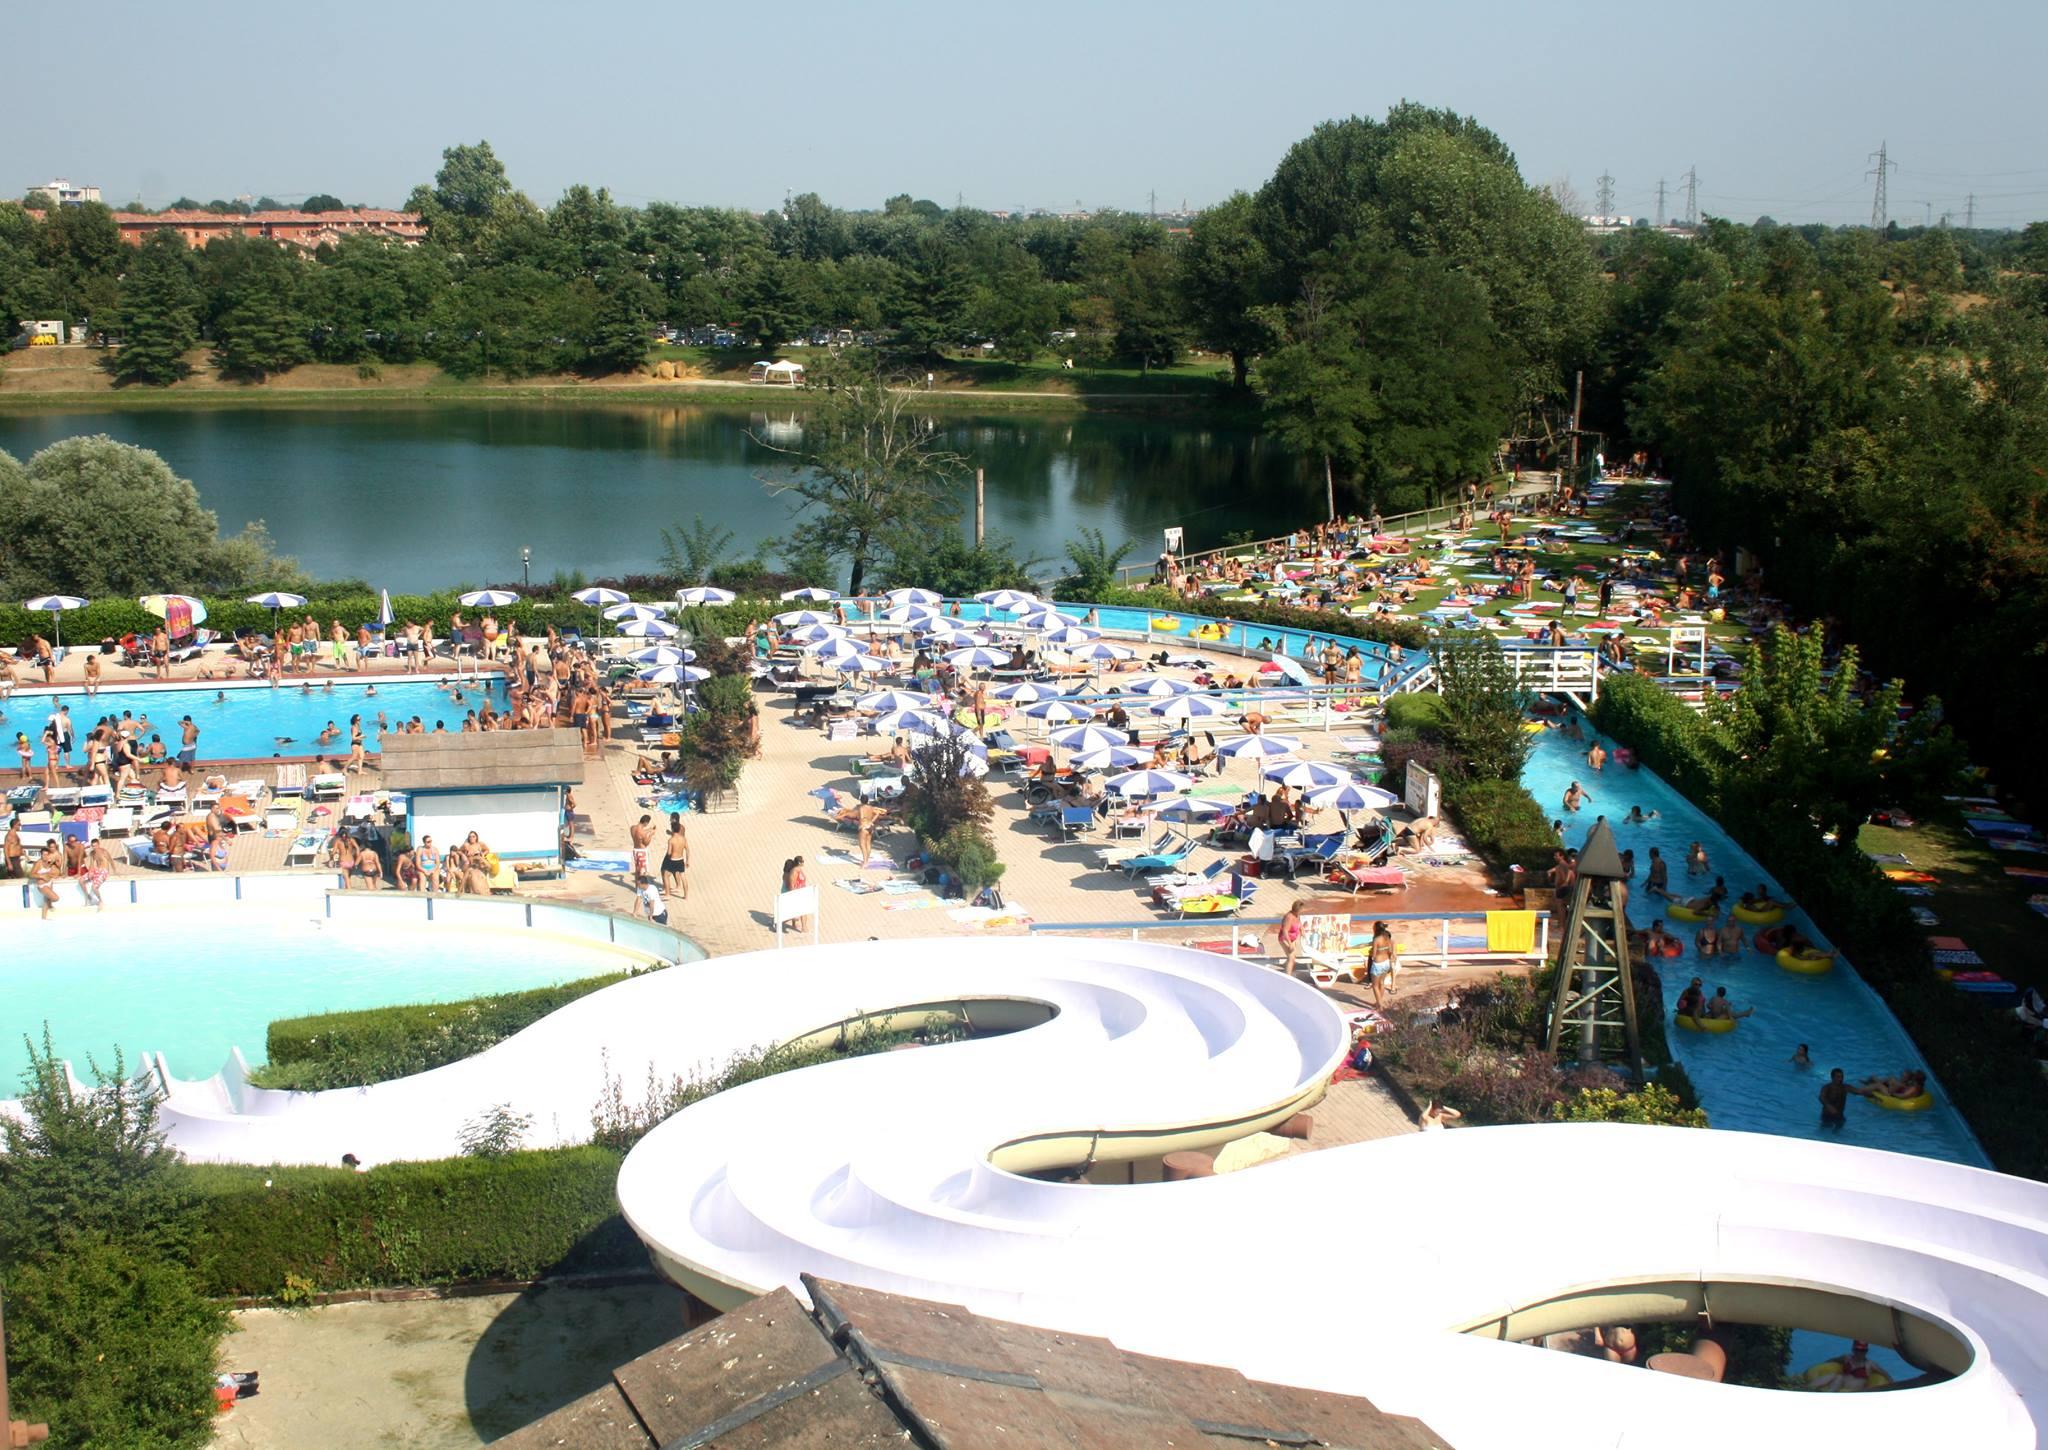 Aquaneva informazioni video foto novit e commenti parksmania - Piscina acquatica park ...